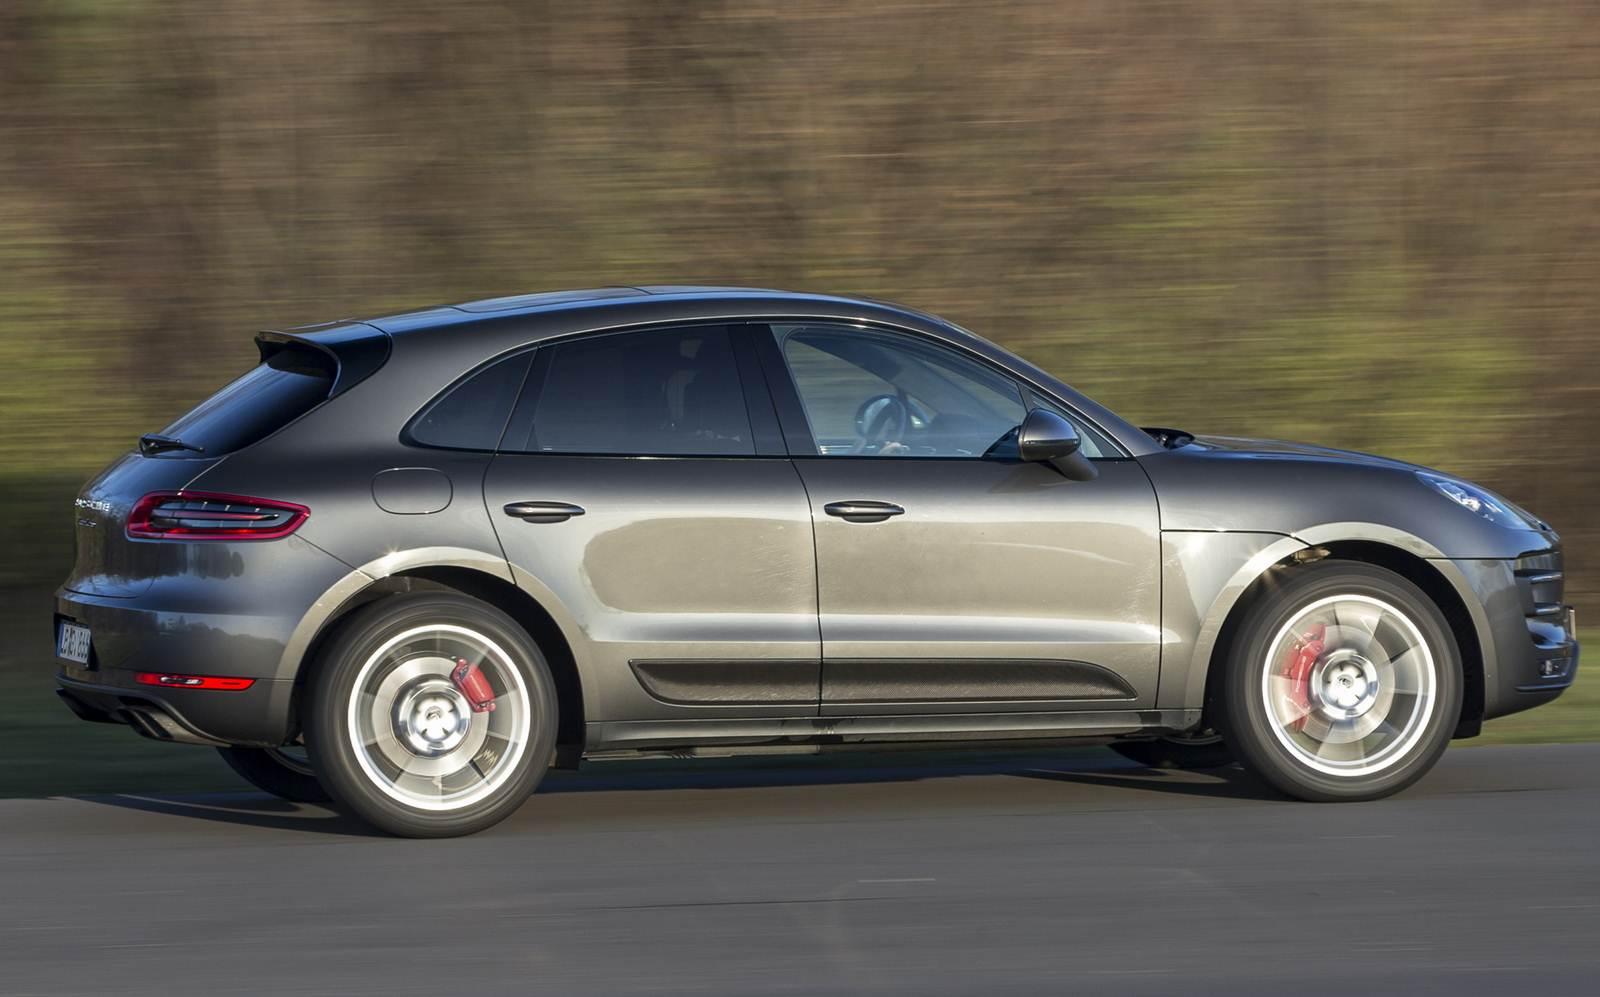 Porsche - considerada a segunda marca que faz os melhores carros